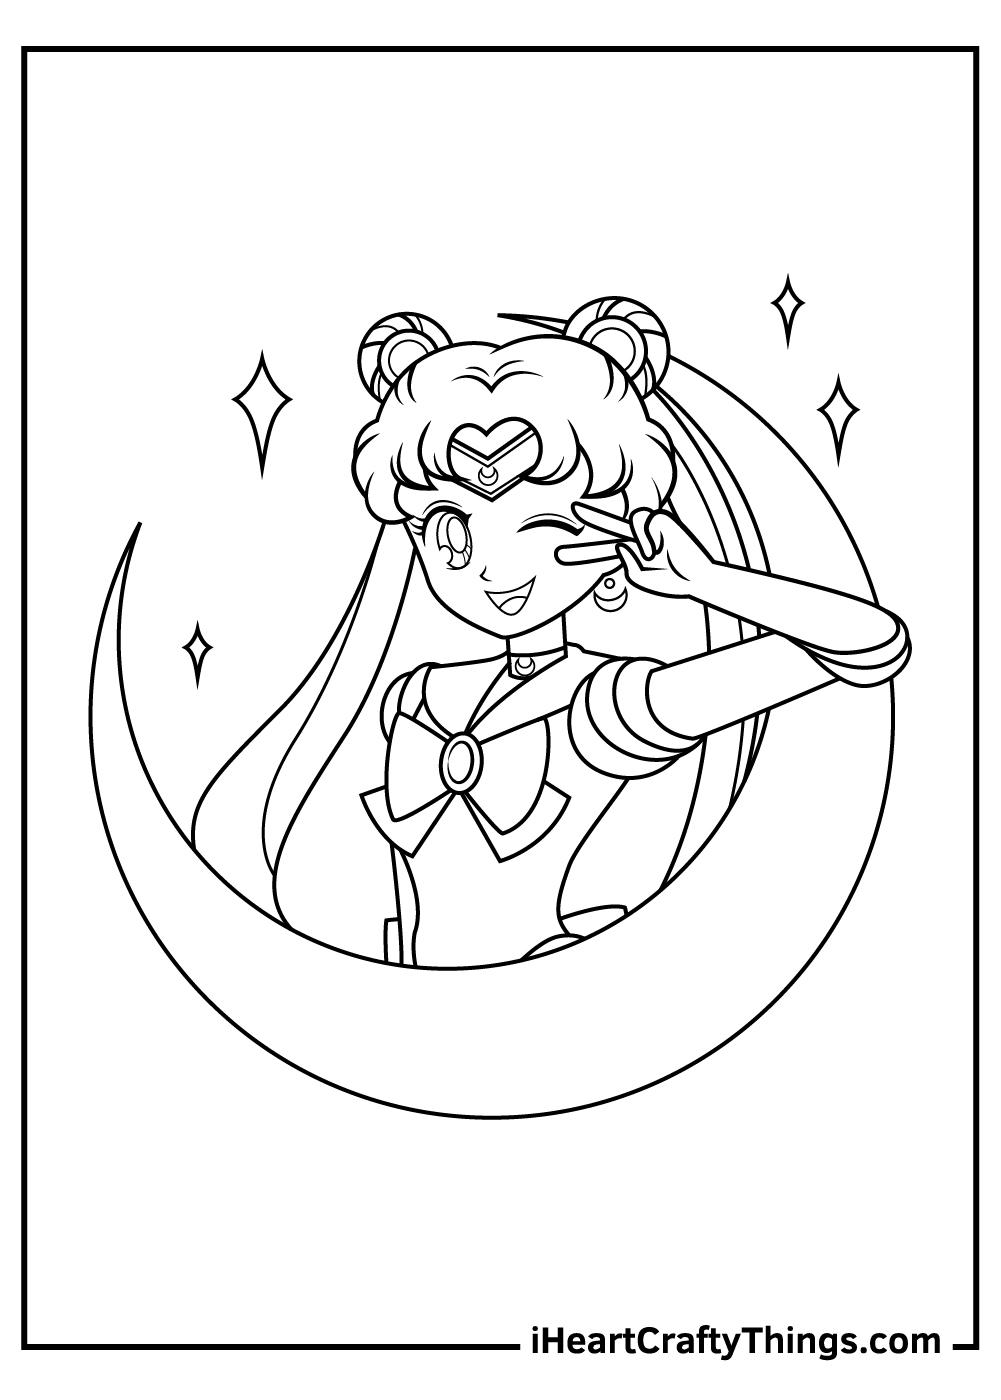 sailor moon coloring pages super sailor venus